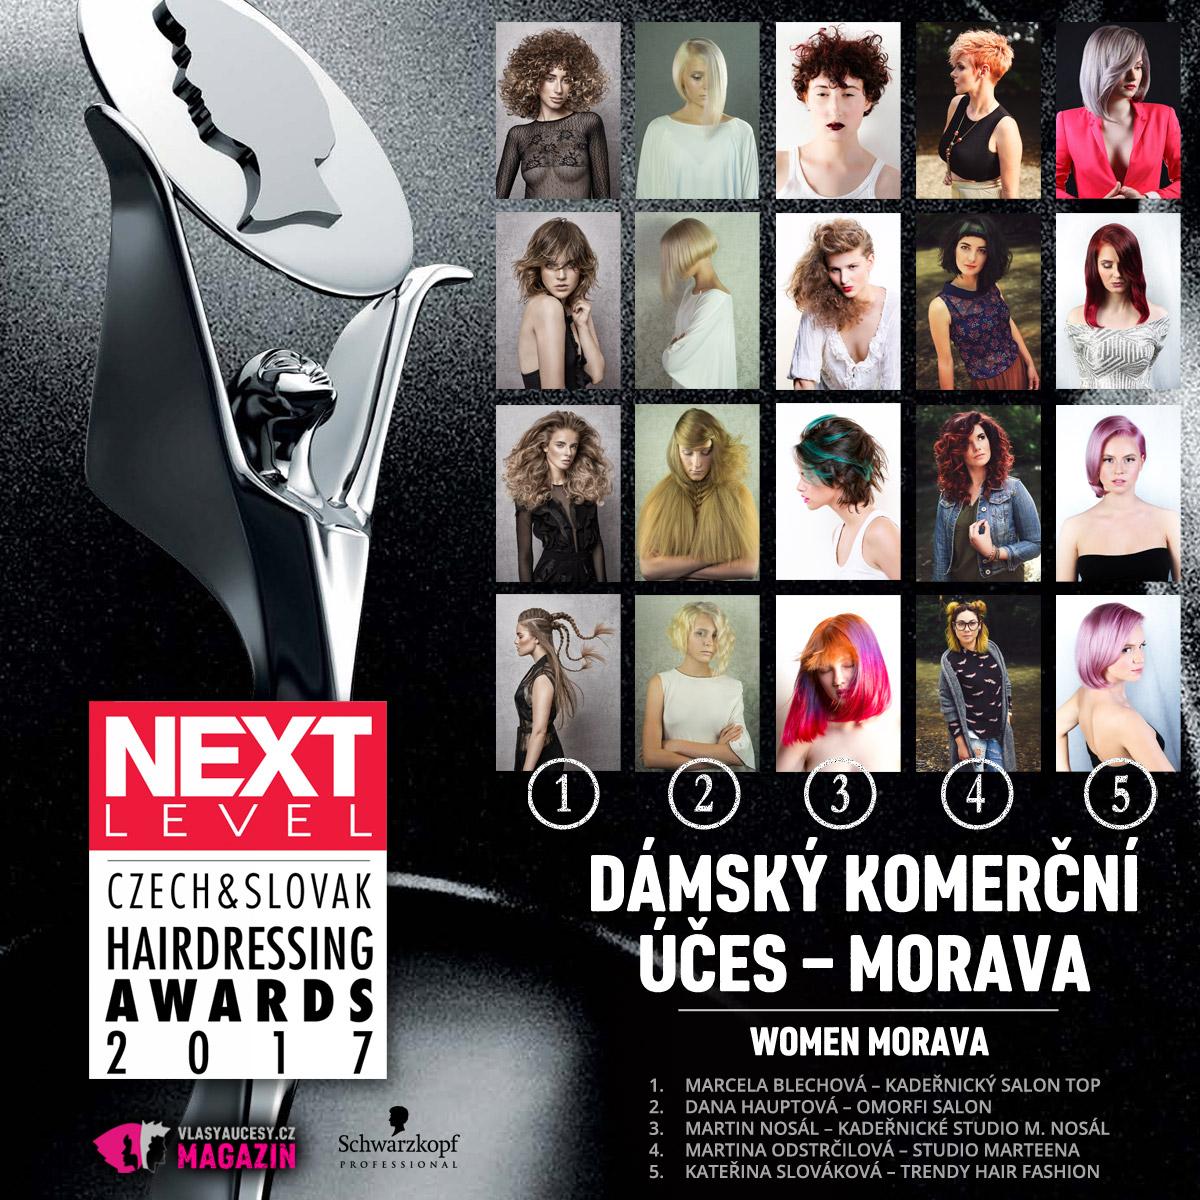 Czech&Slovak Hairdressing Awards 2017 – kategorie Dámský komerční účes Morava.